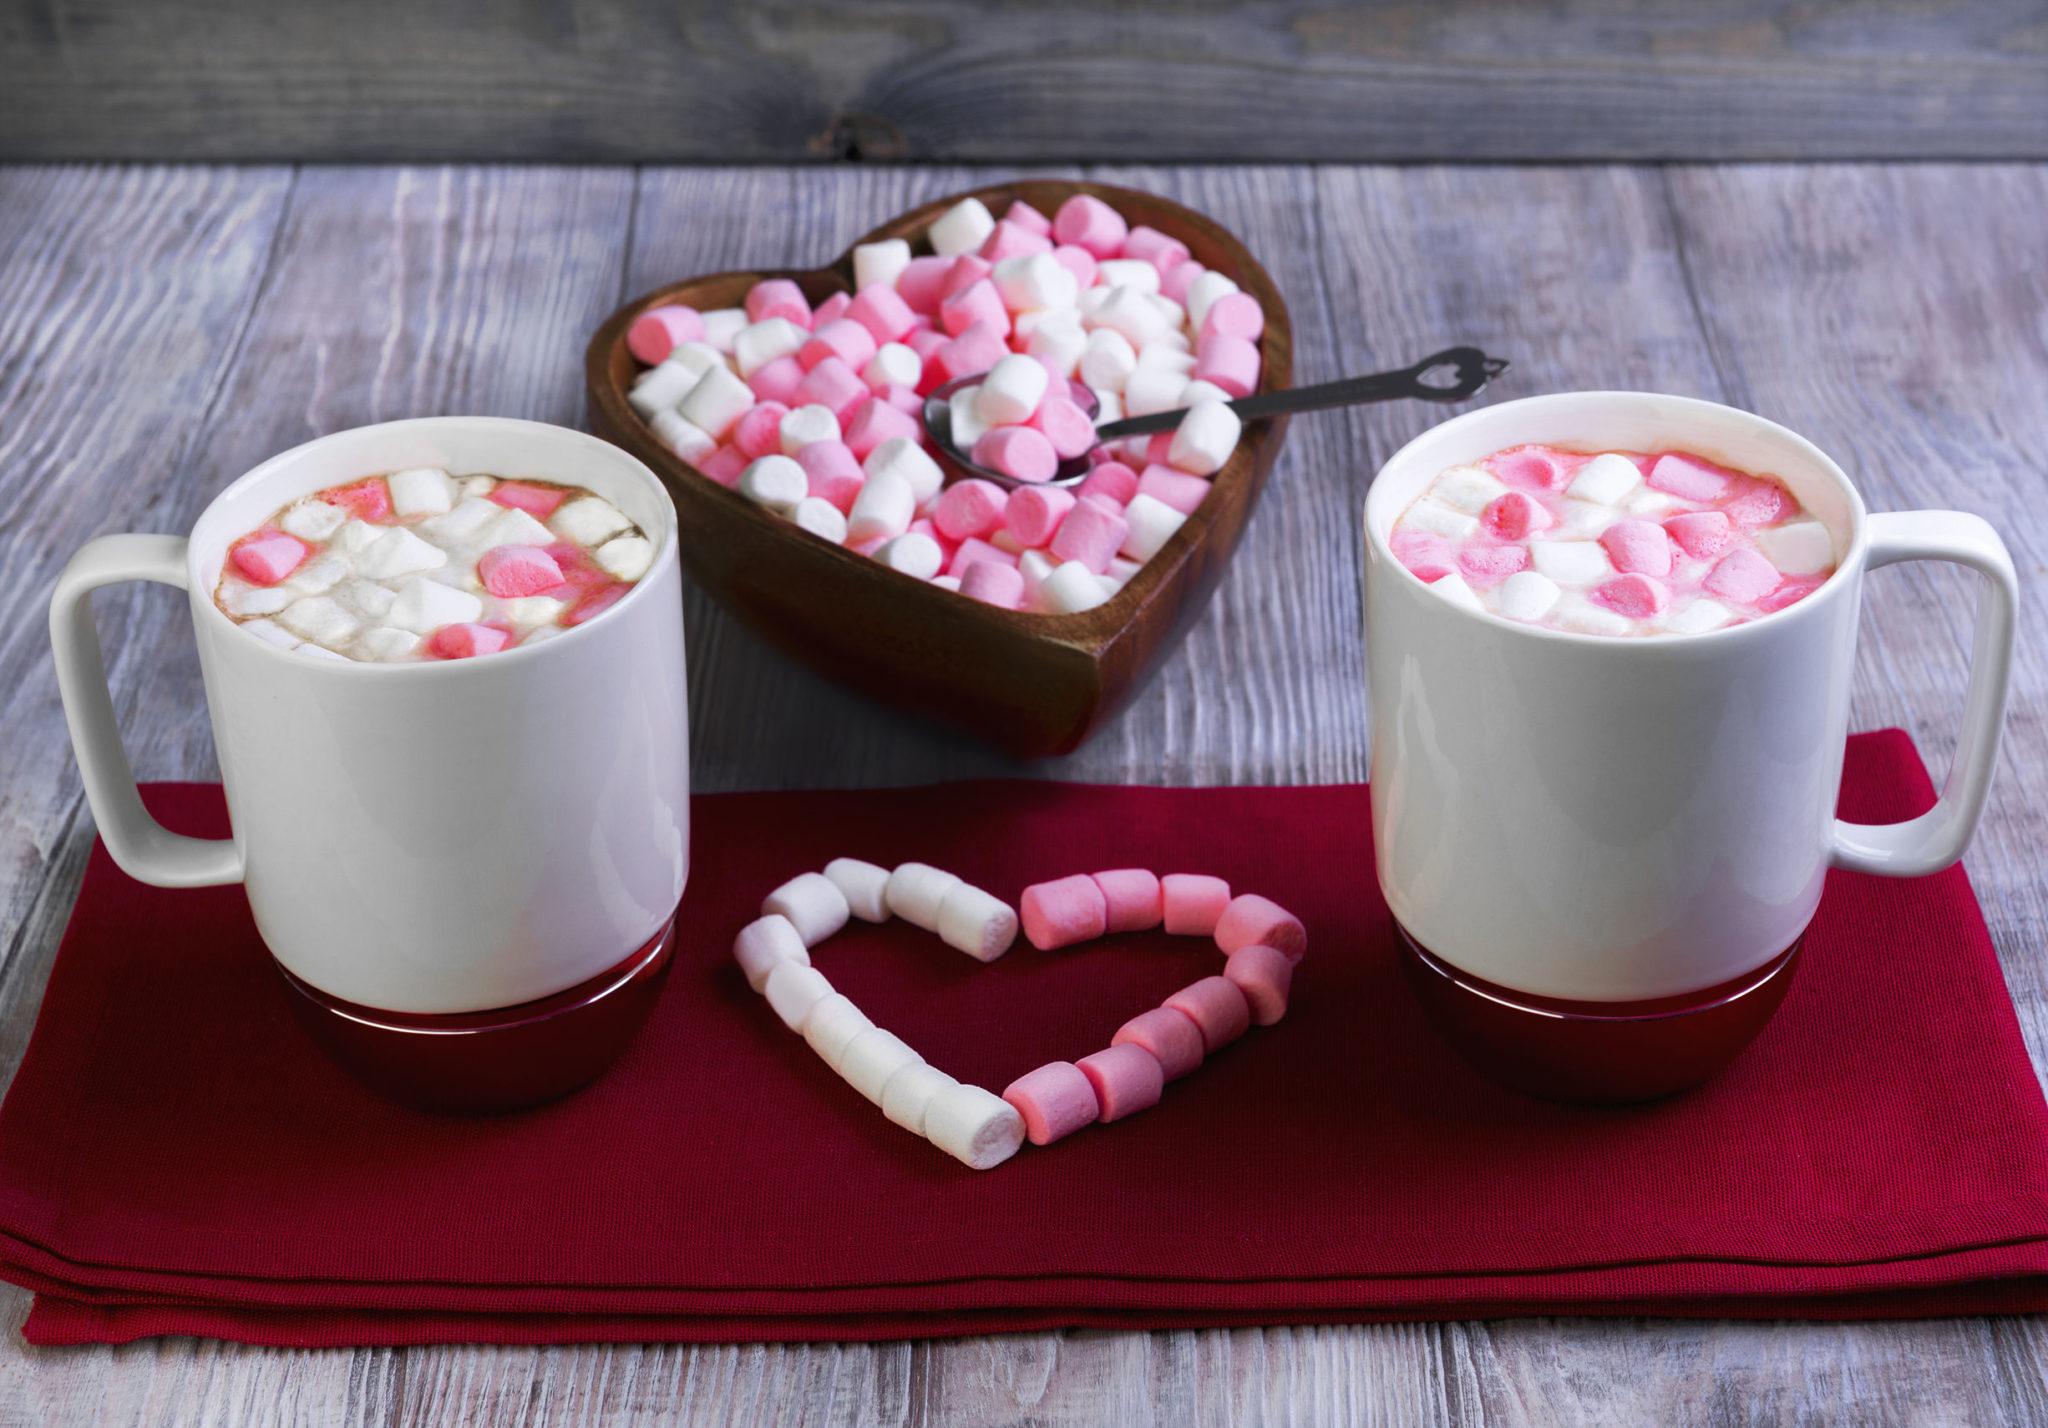 Smak wspólnych chwil – ciastka pełne miłości na Walentynki